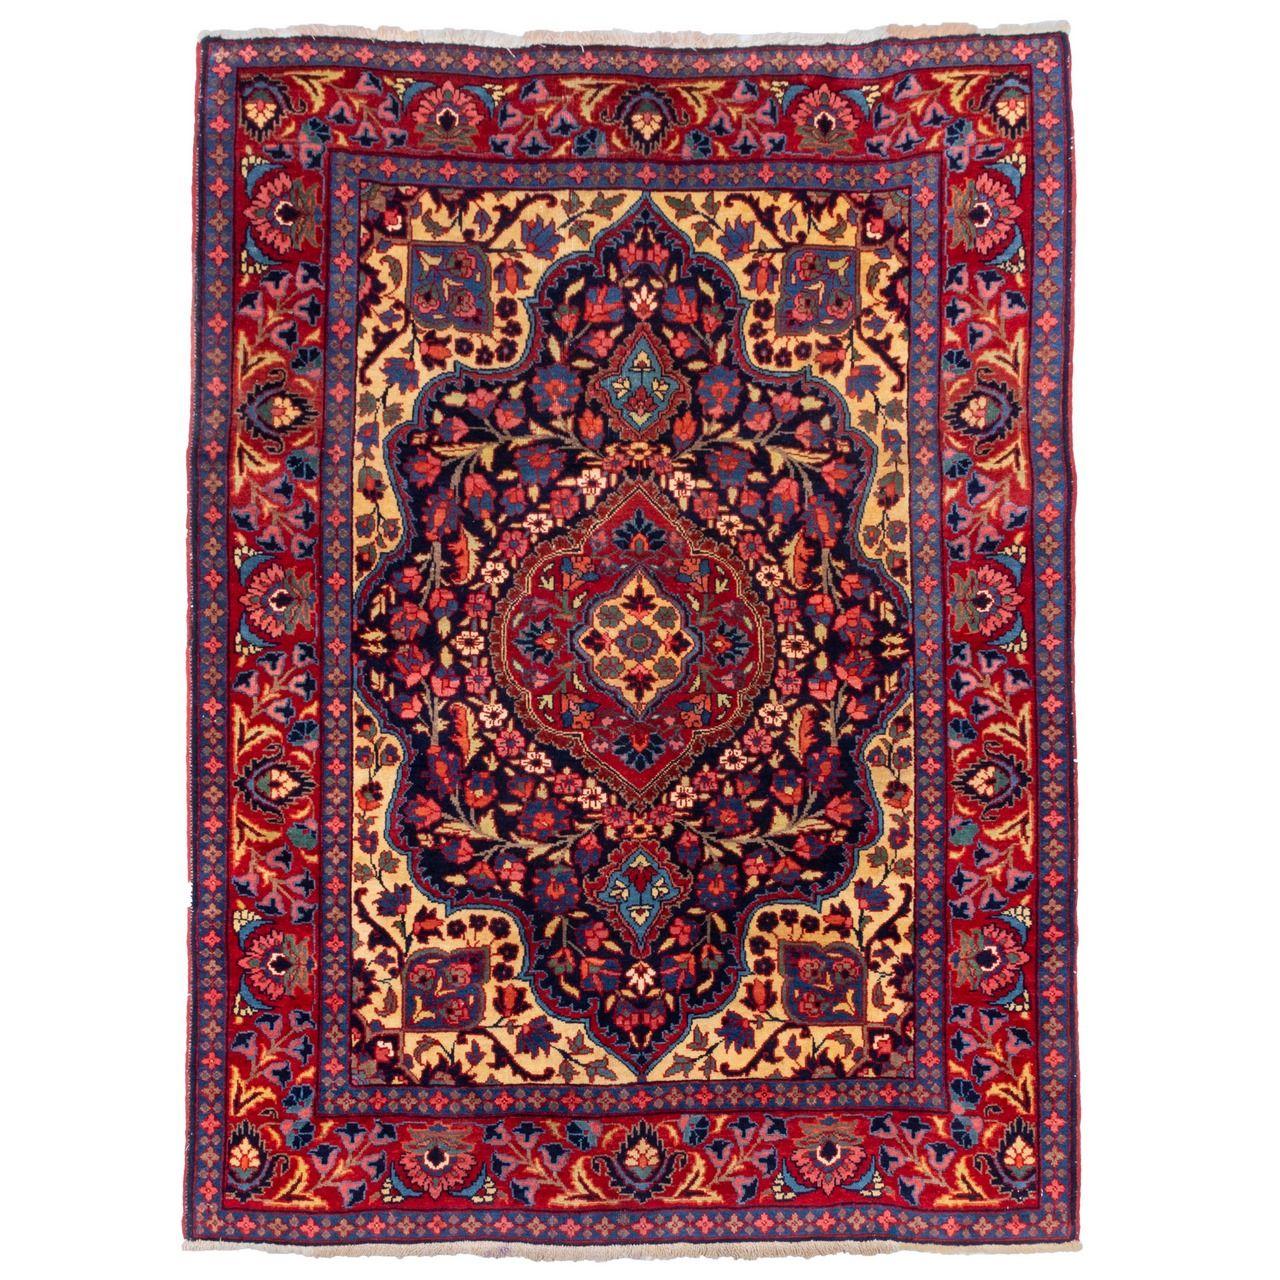 فرش دستباف قدیمی دو متری سی پرشیا کد 102352